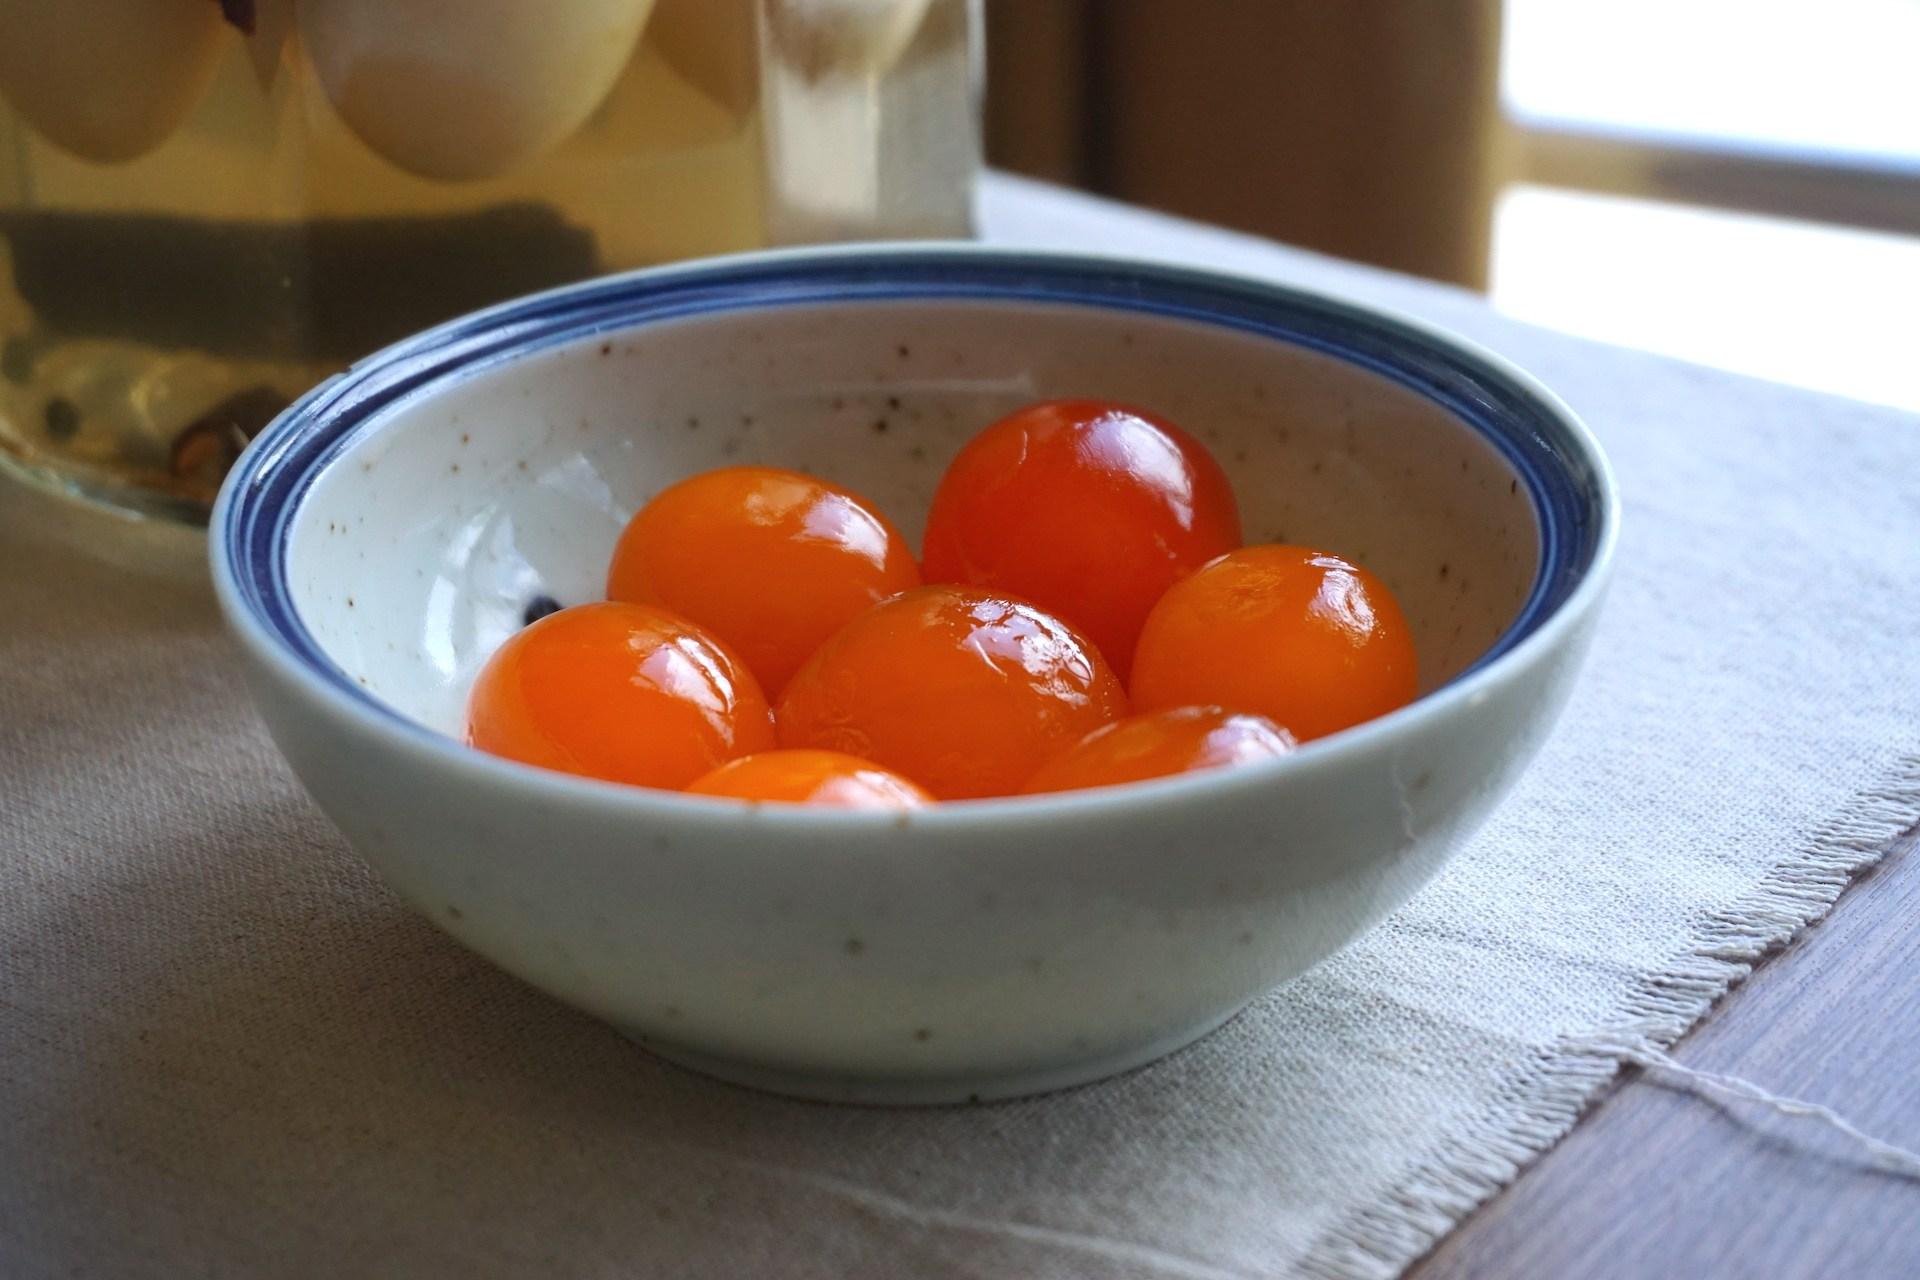 Mách bạn 3 cách làm trứng muối siêu ngon và đơn giản tại nhà